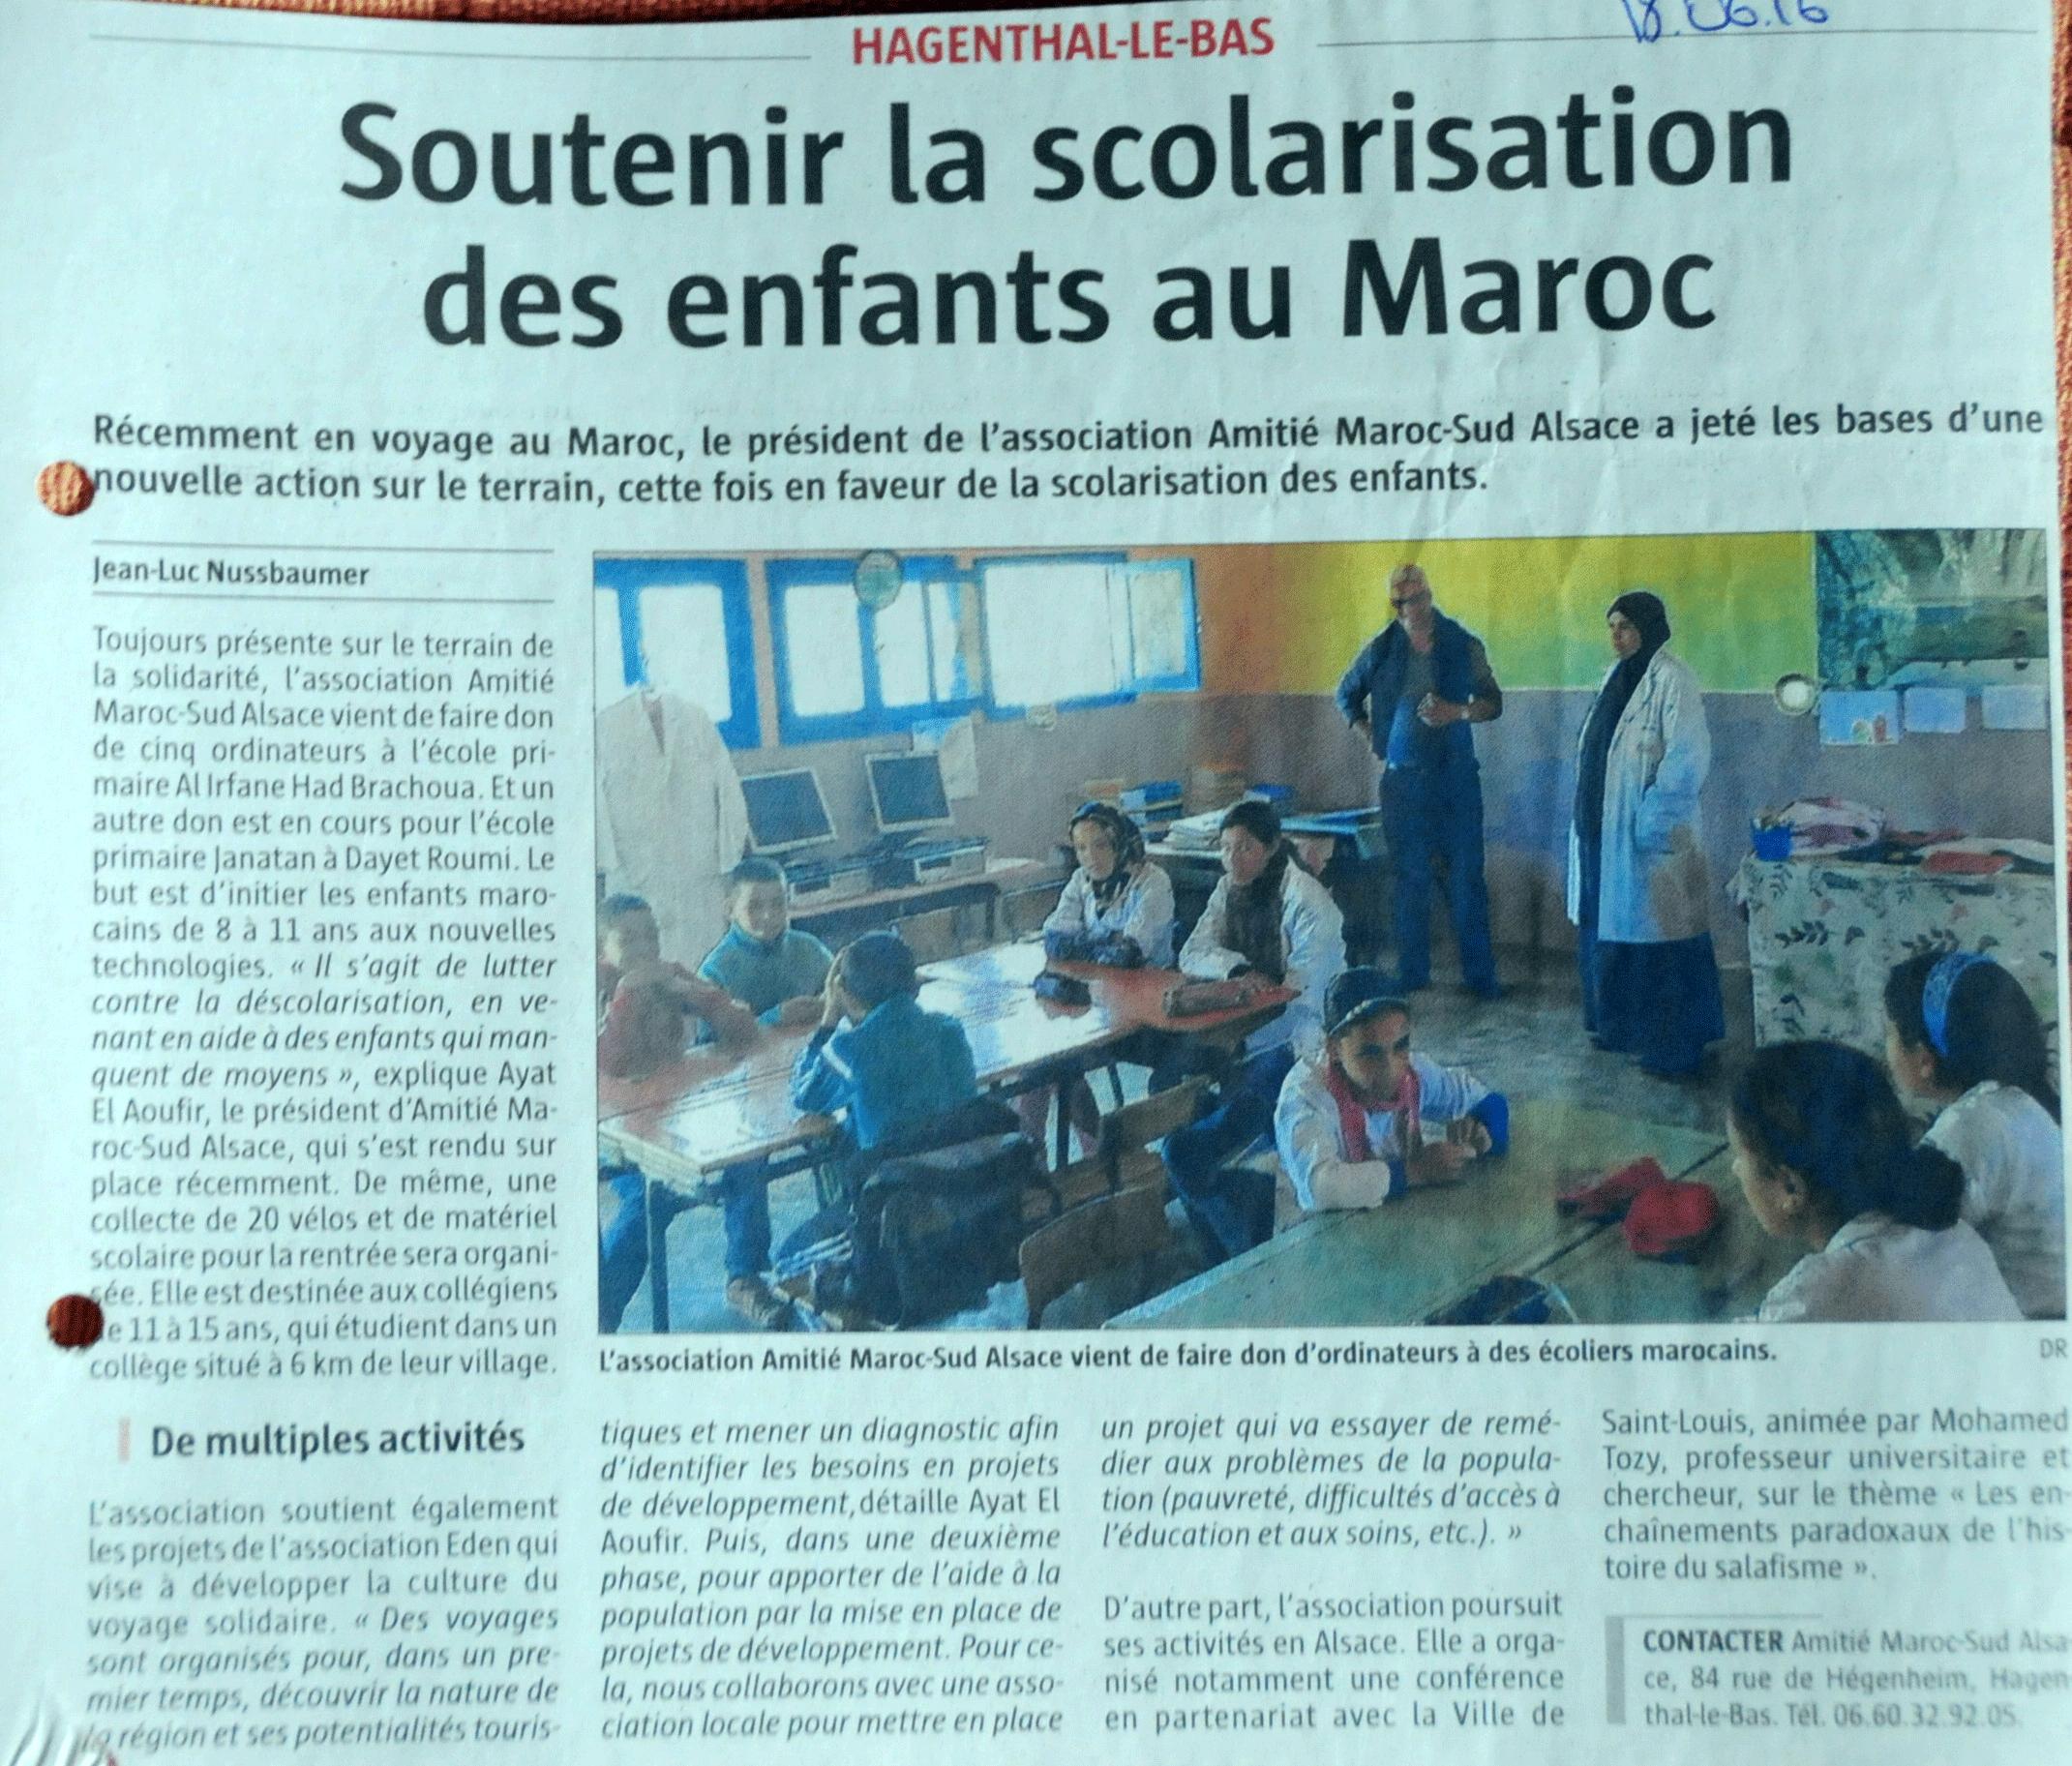 presse soutenir la scolarisation des enfants au maroc